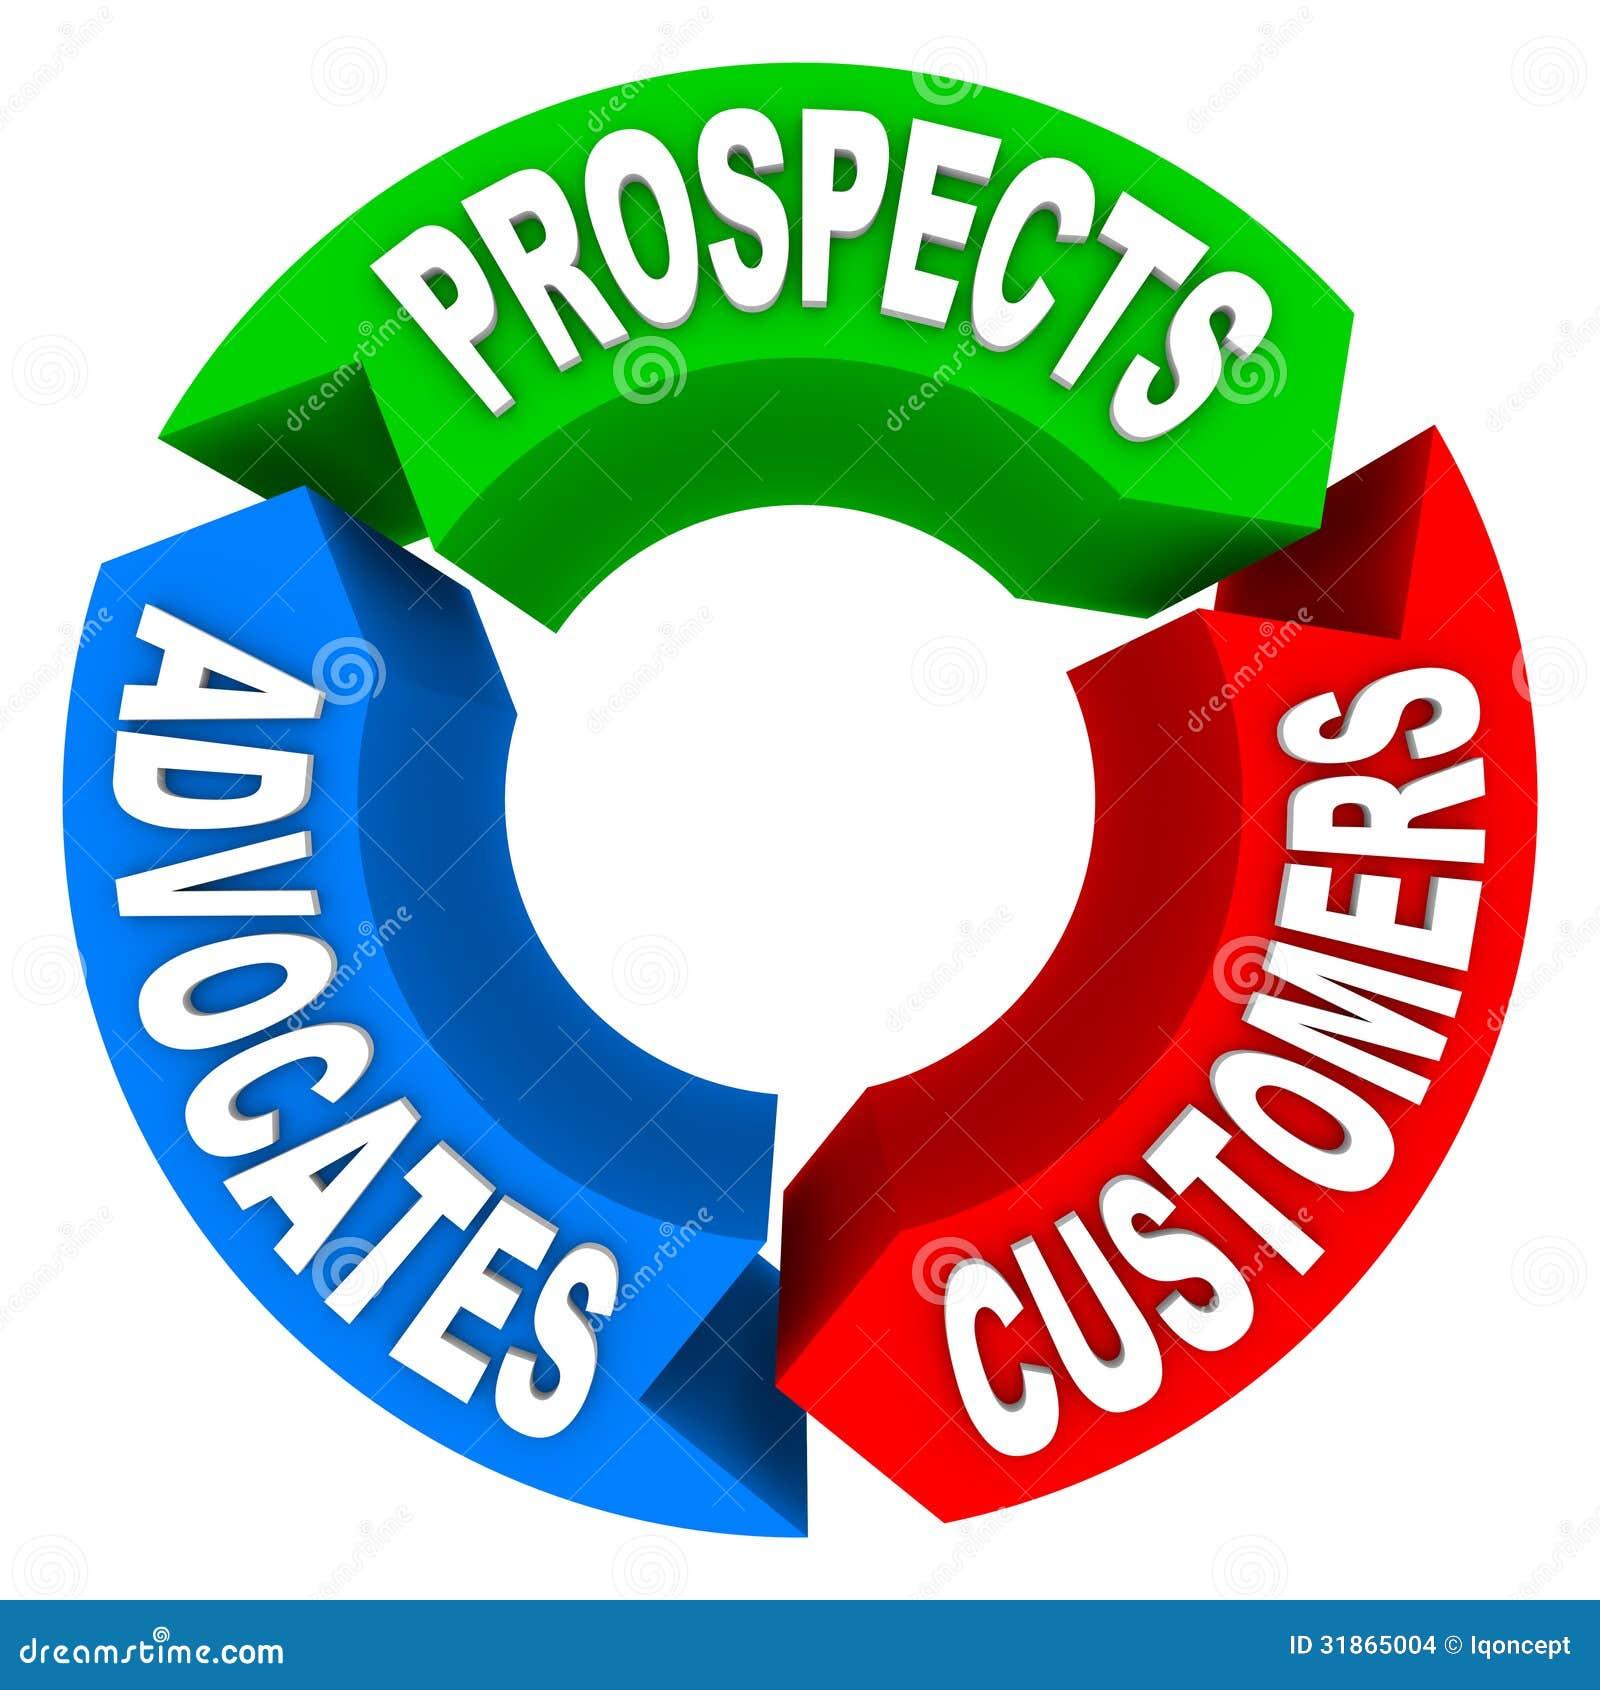 Κύκλος της ζωής πελατών - που μετατρέπει τις προοπτικές στους πελάτες σε Advoca